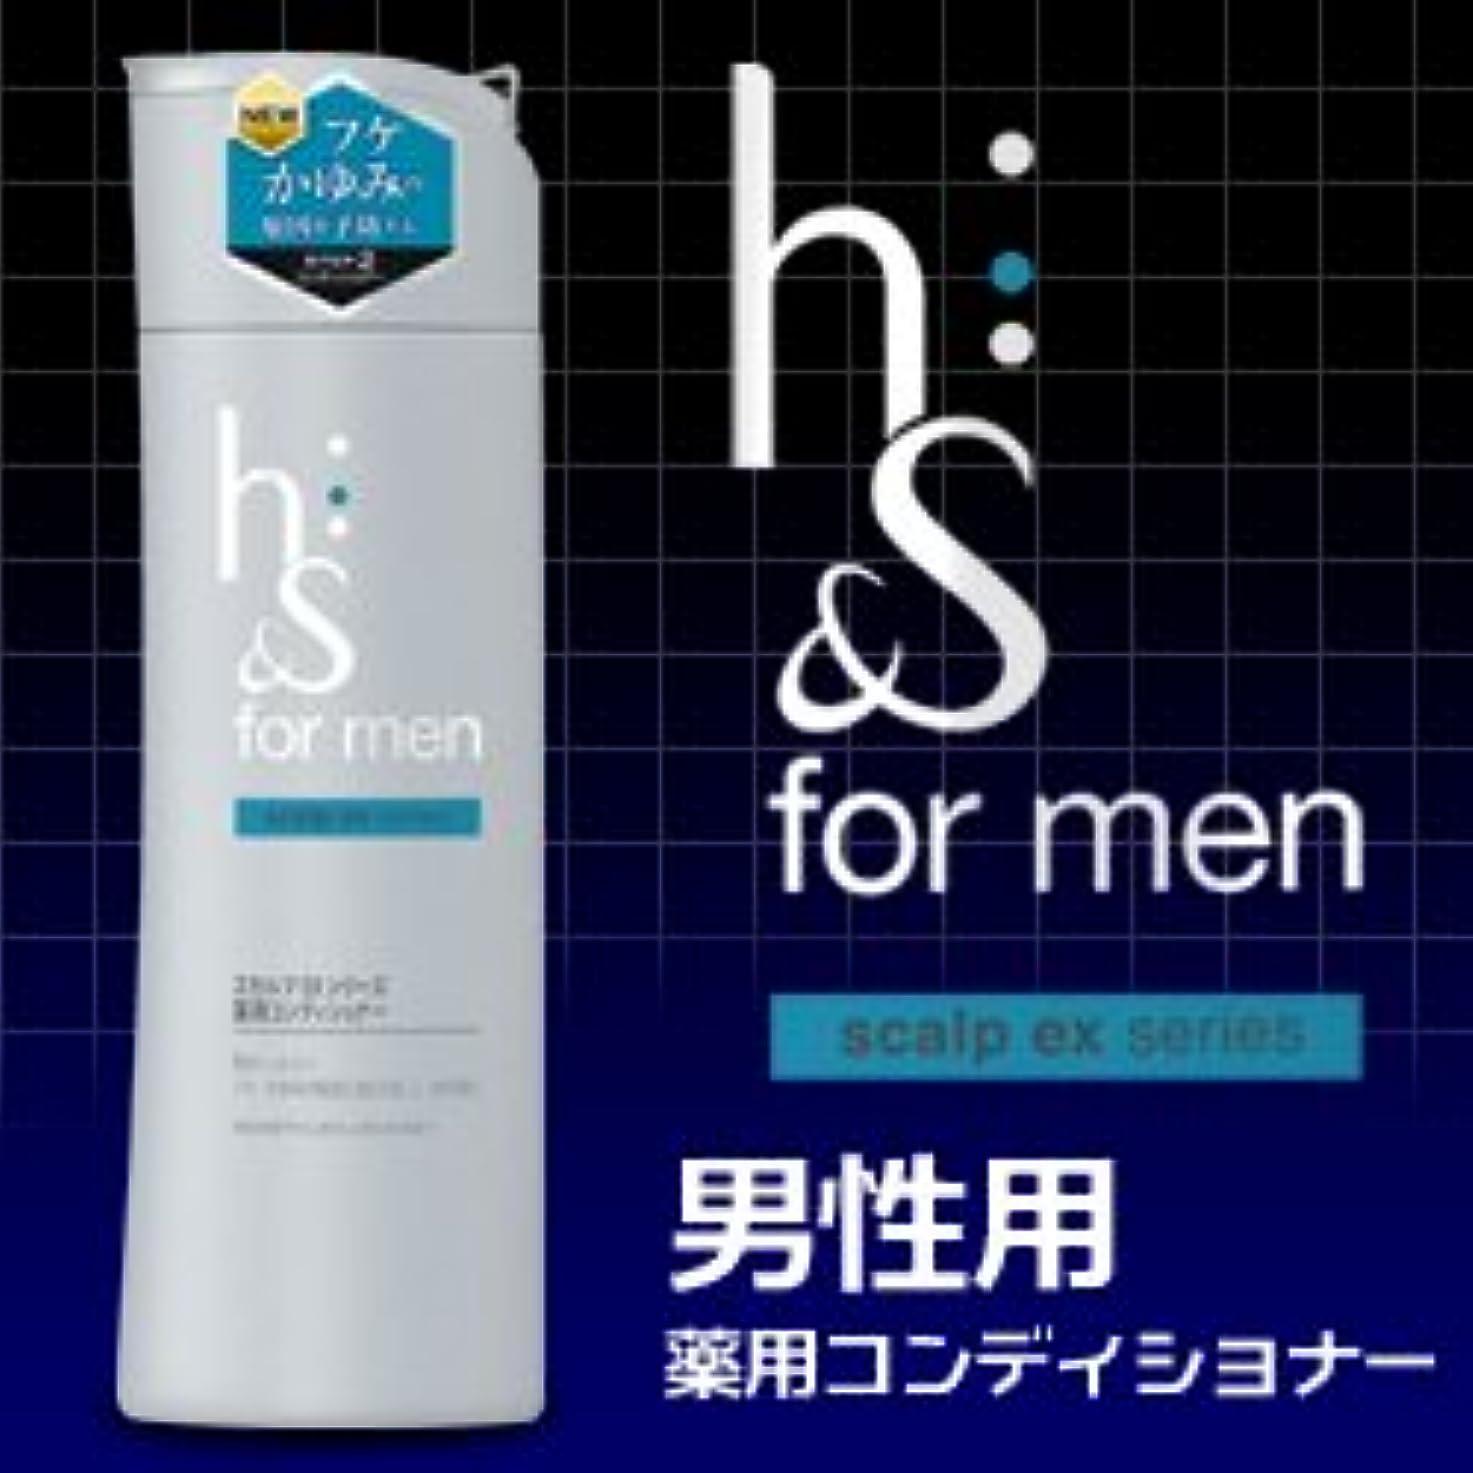 """ソフトウェア系統的合金【P&G】 """"男のヘッドスパ""""【h&s for men】 スカルプEX 薬用コンディショナー 本体 200g ×20個セット"""